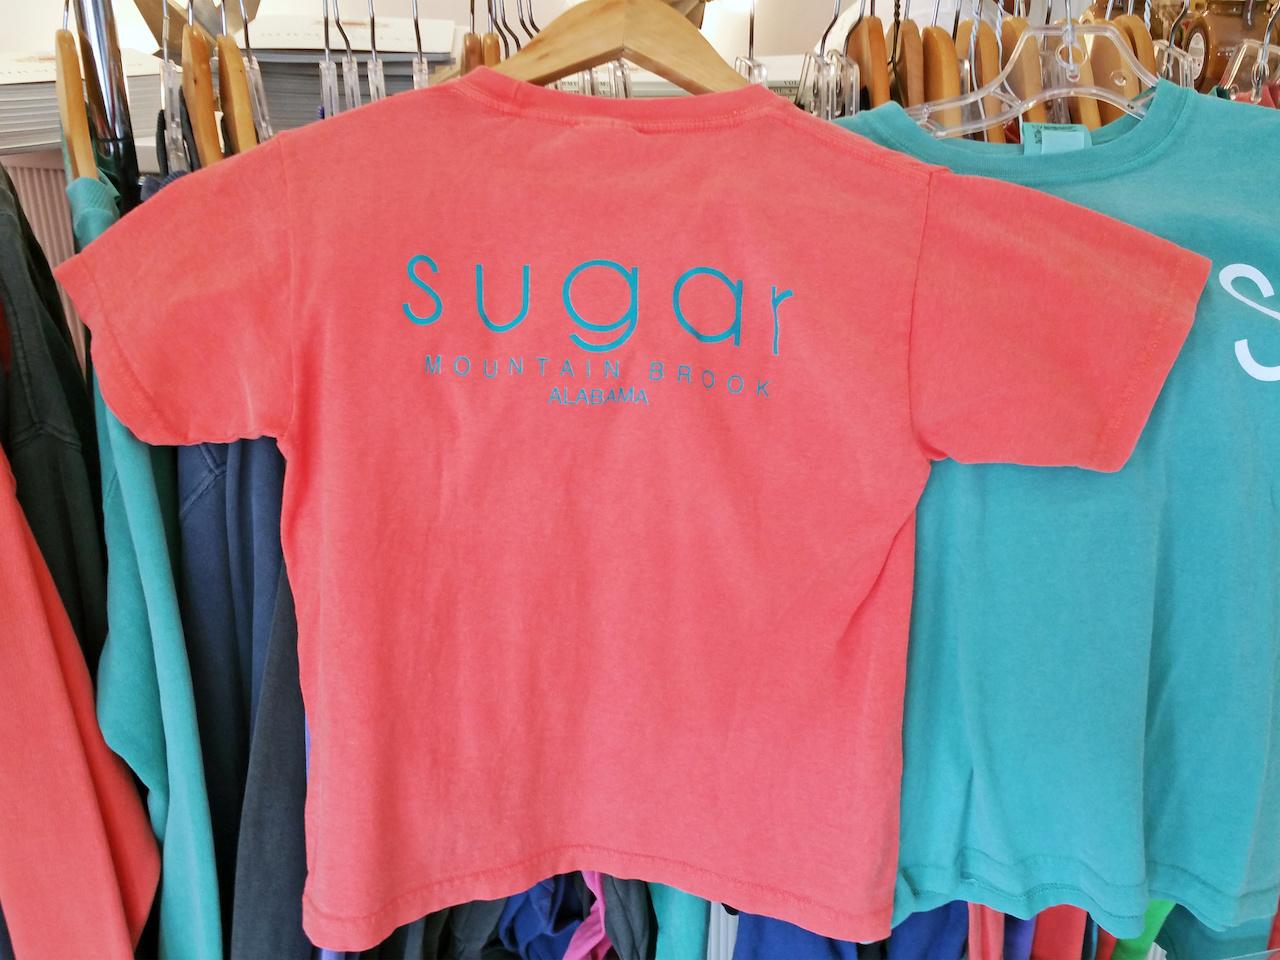 T-shirts, long-sleeved shirts and sweatshirts, starting at $20, at Sugar